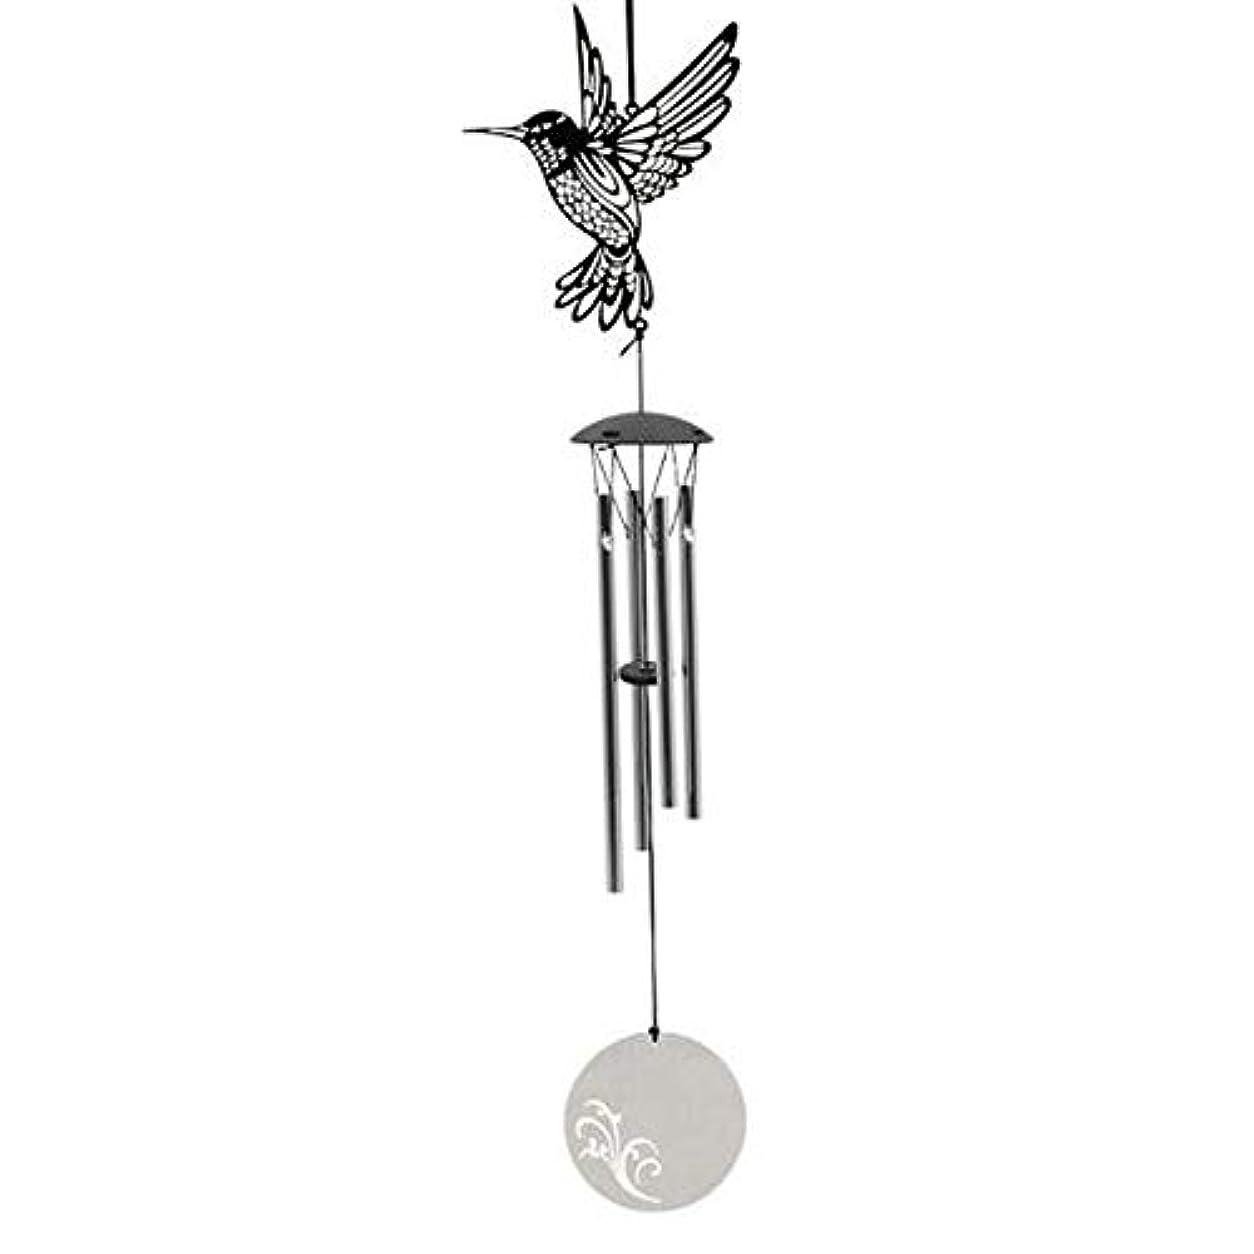 百万対人スズメバチYougou01 風チャイム、メタルクリエイティブ4チューブ風の鐘、シルバー、47.5CMについて全長 、創造的な装飾 (Color : C)